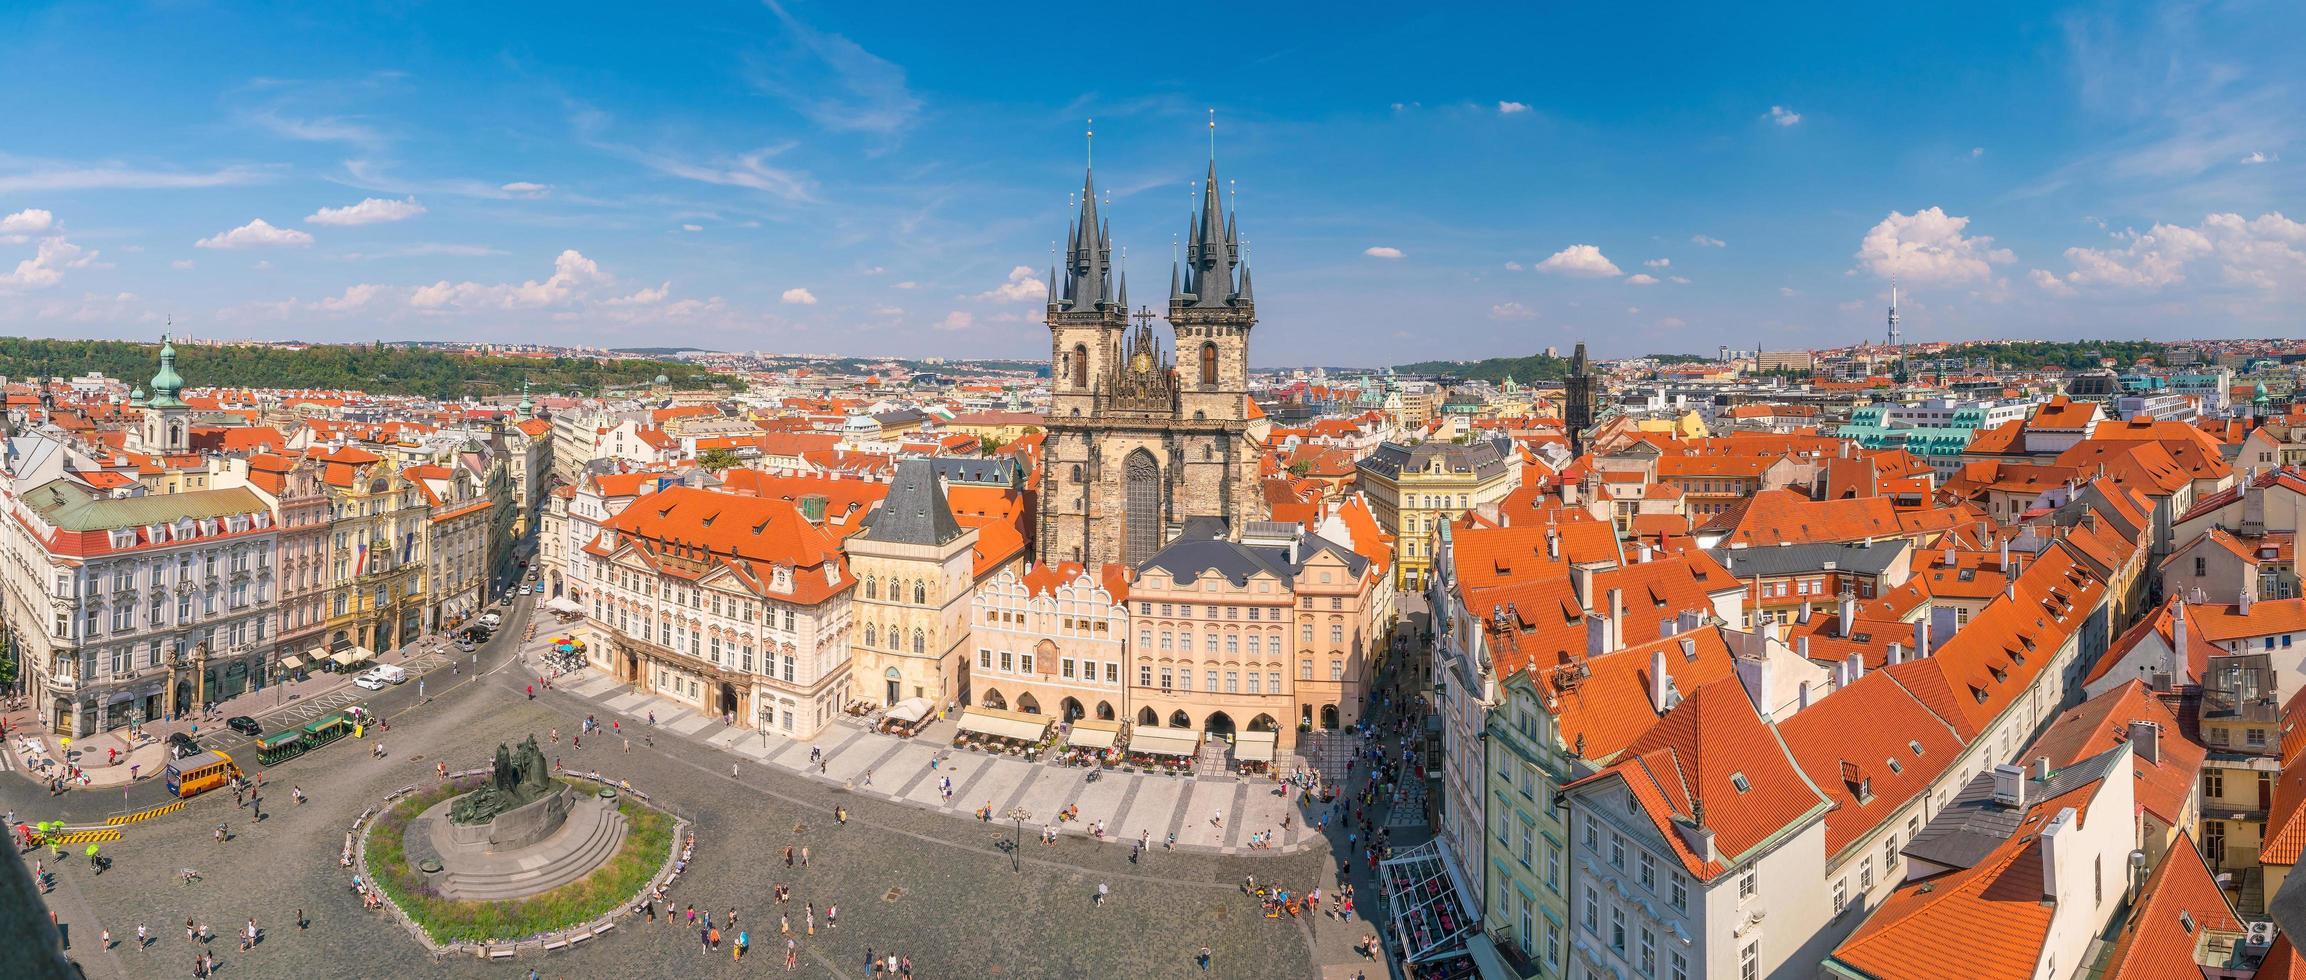 oude stadsplein, tsjechië foto